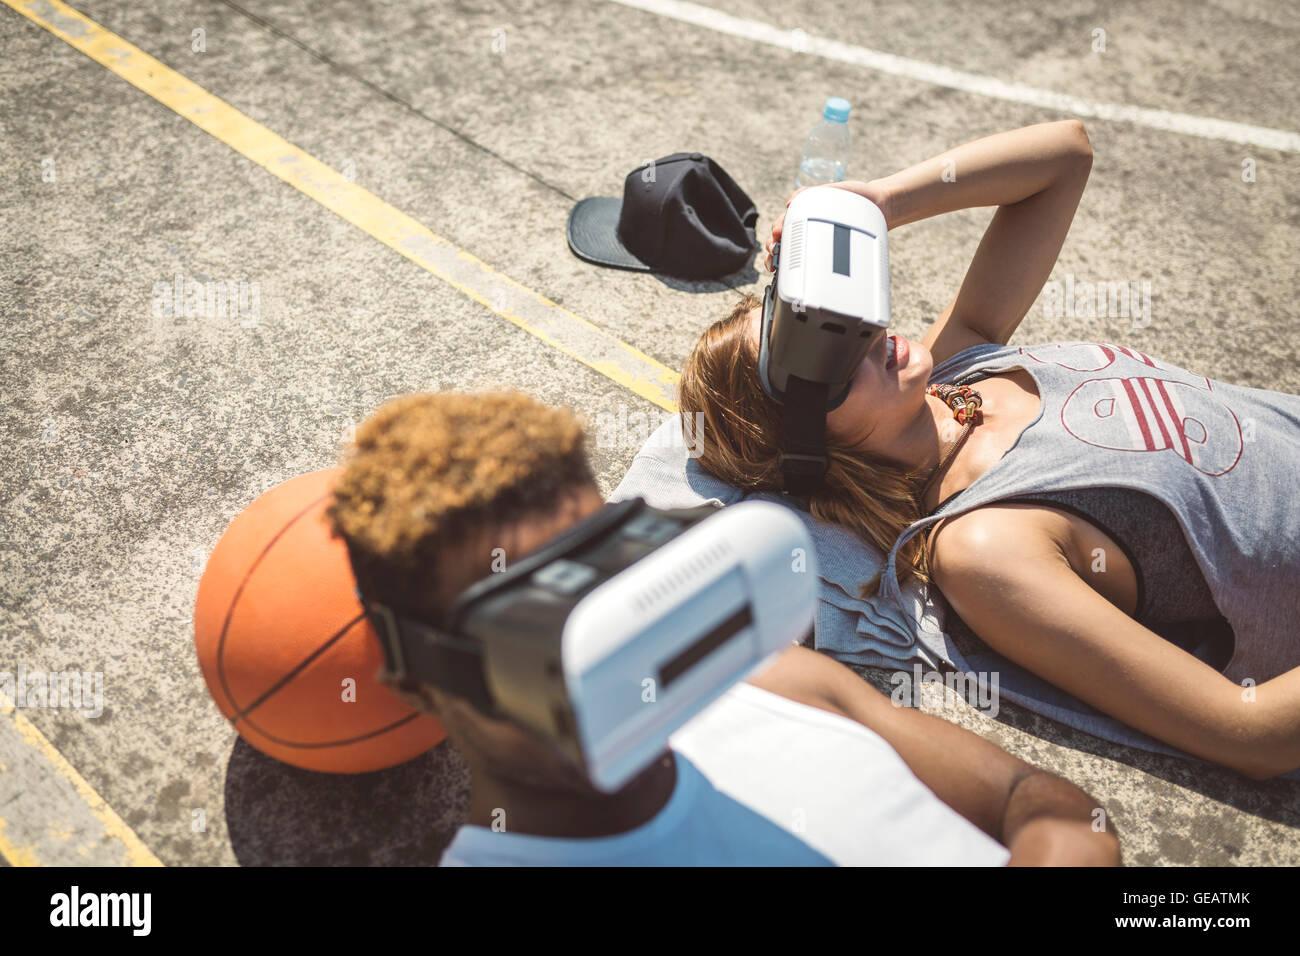 Jeune couple à l'aide de lunettes de réalité virtuelle, de repos têtes sur le basket-ball Photo Stock